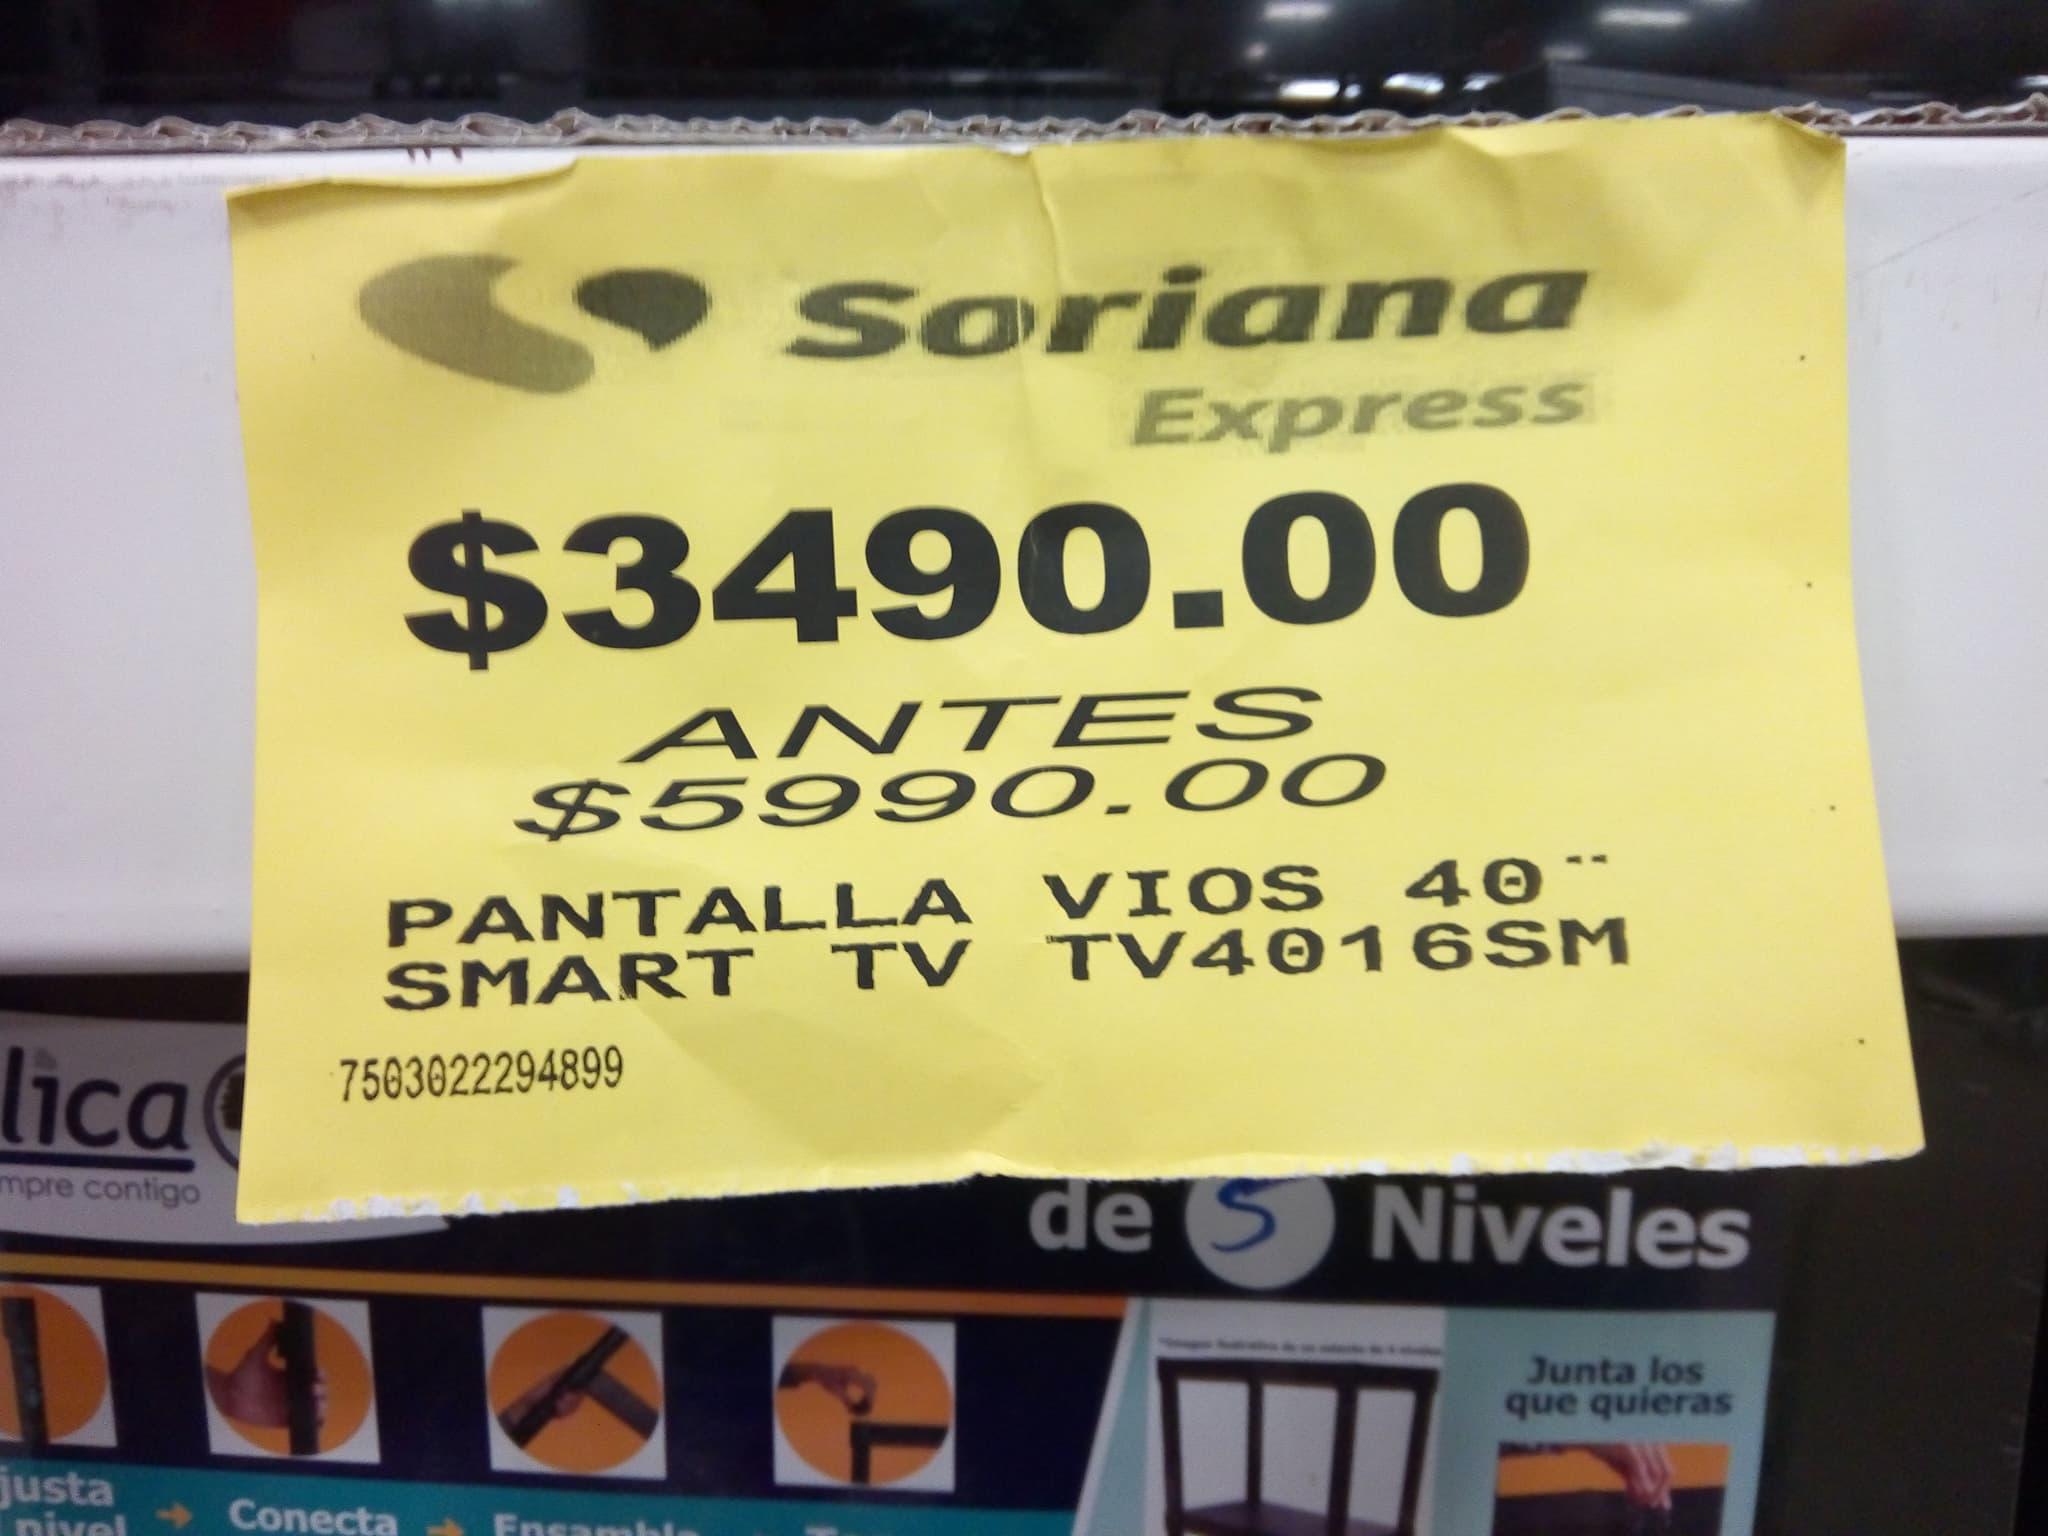 Soriana: Pantallas vios de remate smart tv 40 pulgadas $3490